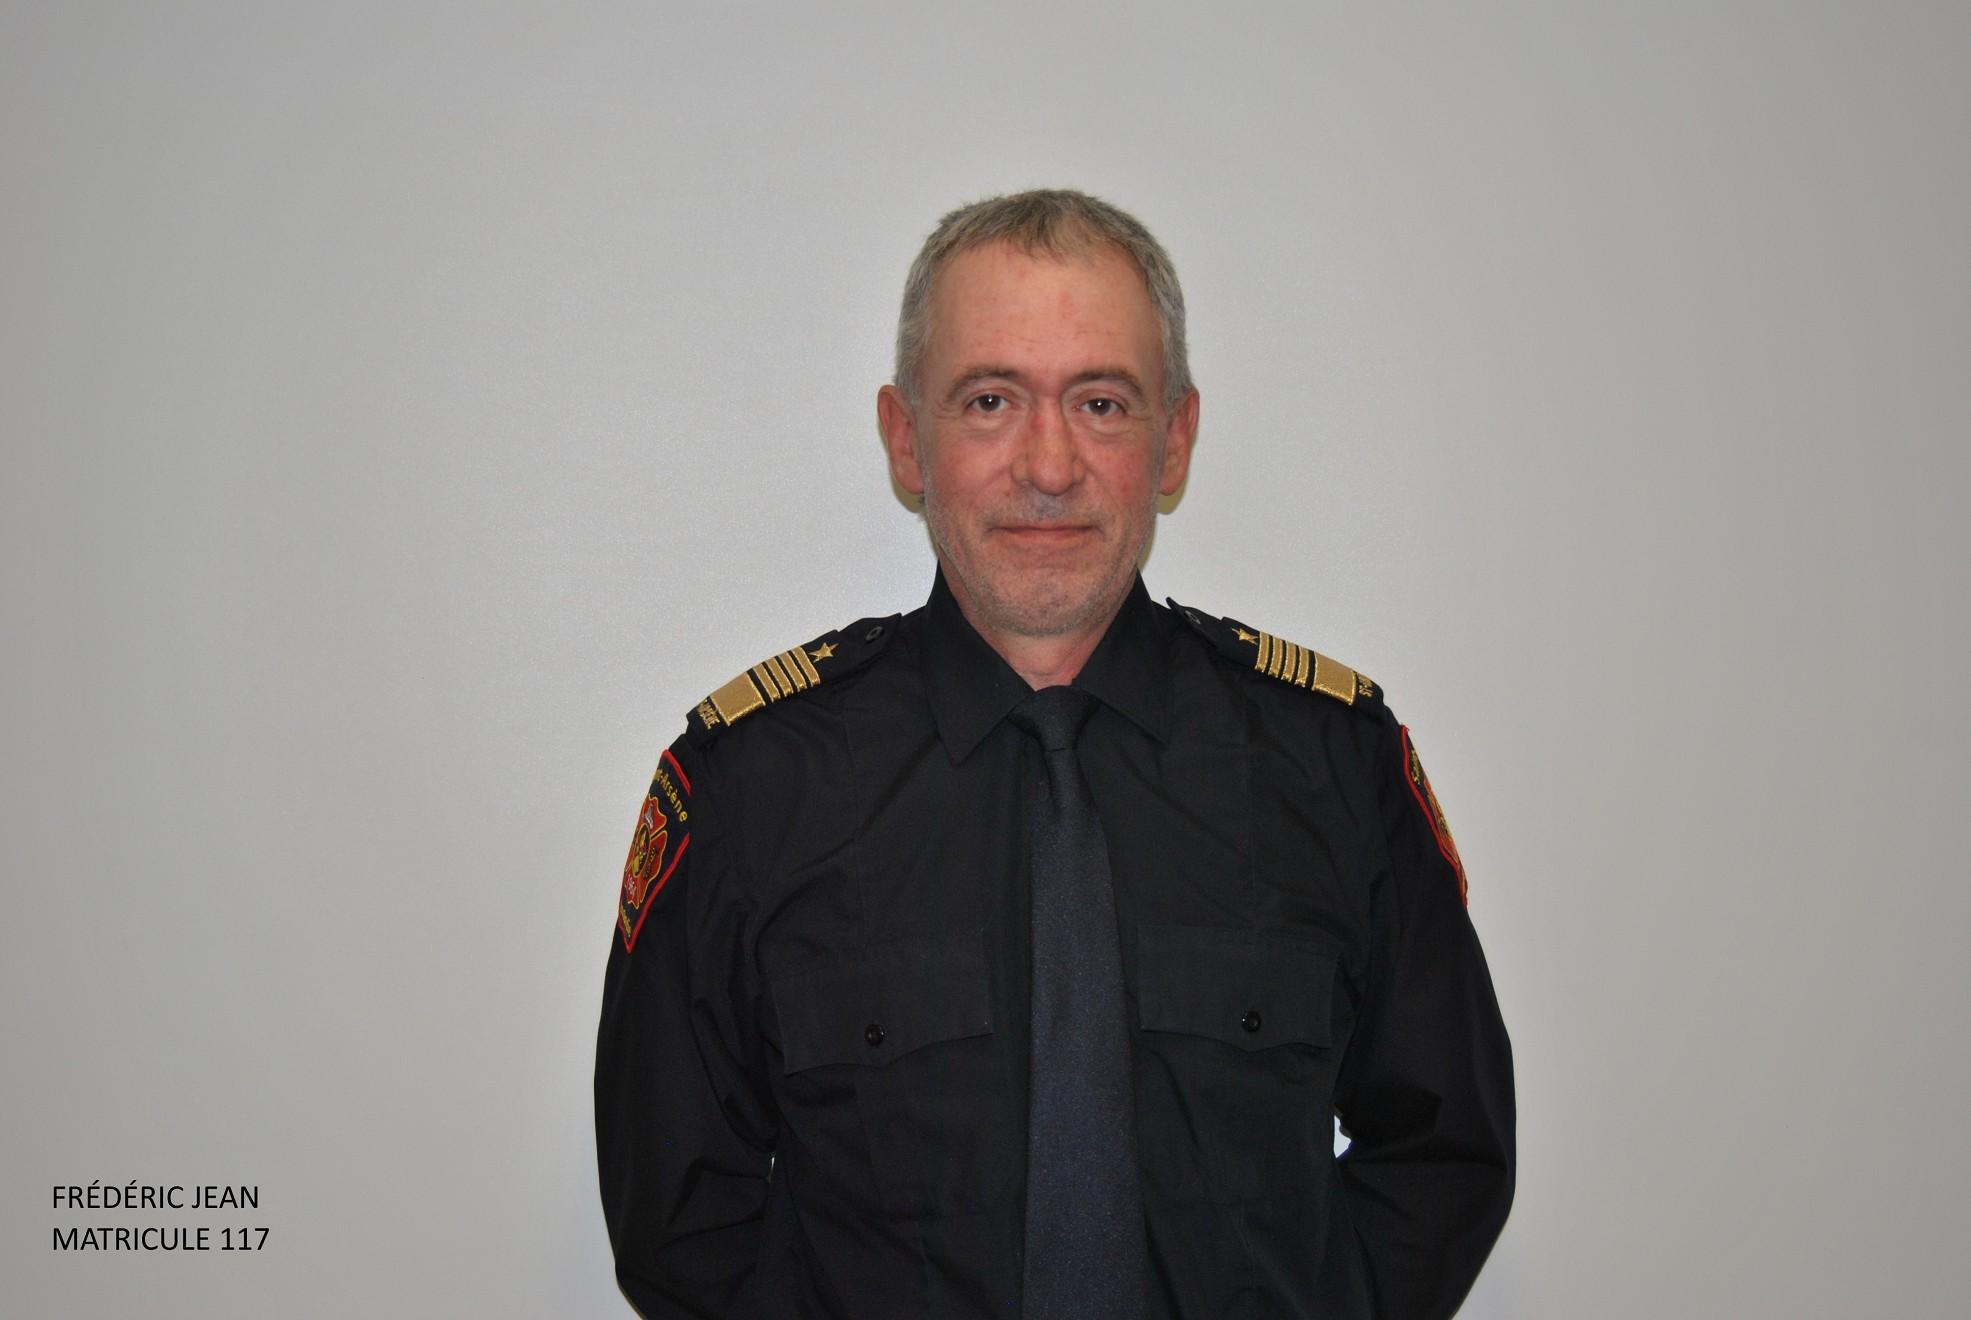 <b>Frédéric Jean</b><br />Chef pompier depuis 2004